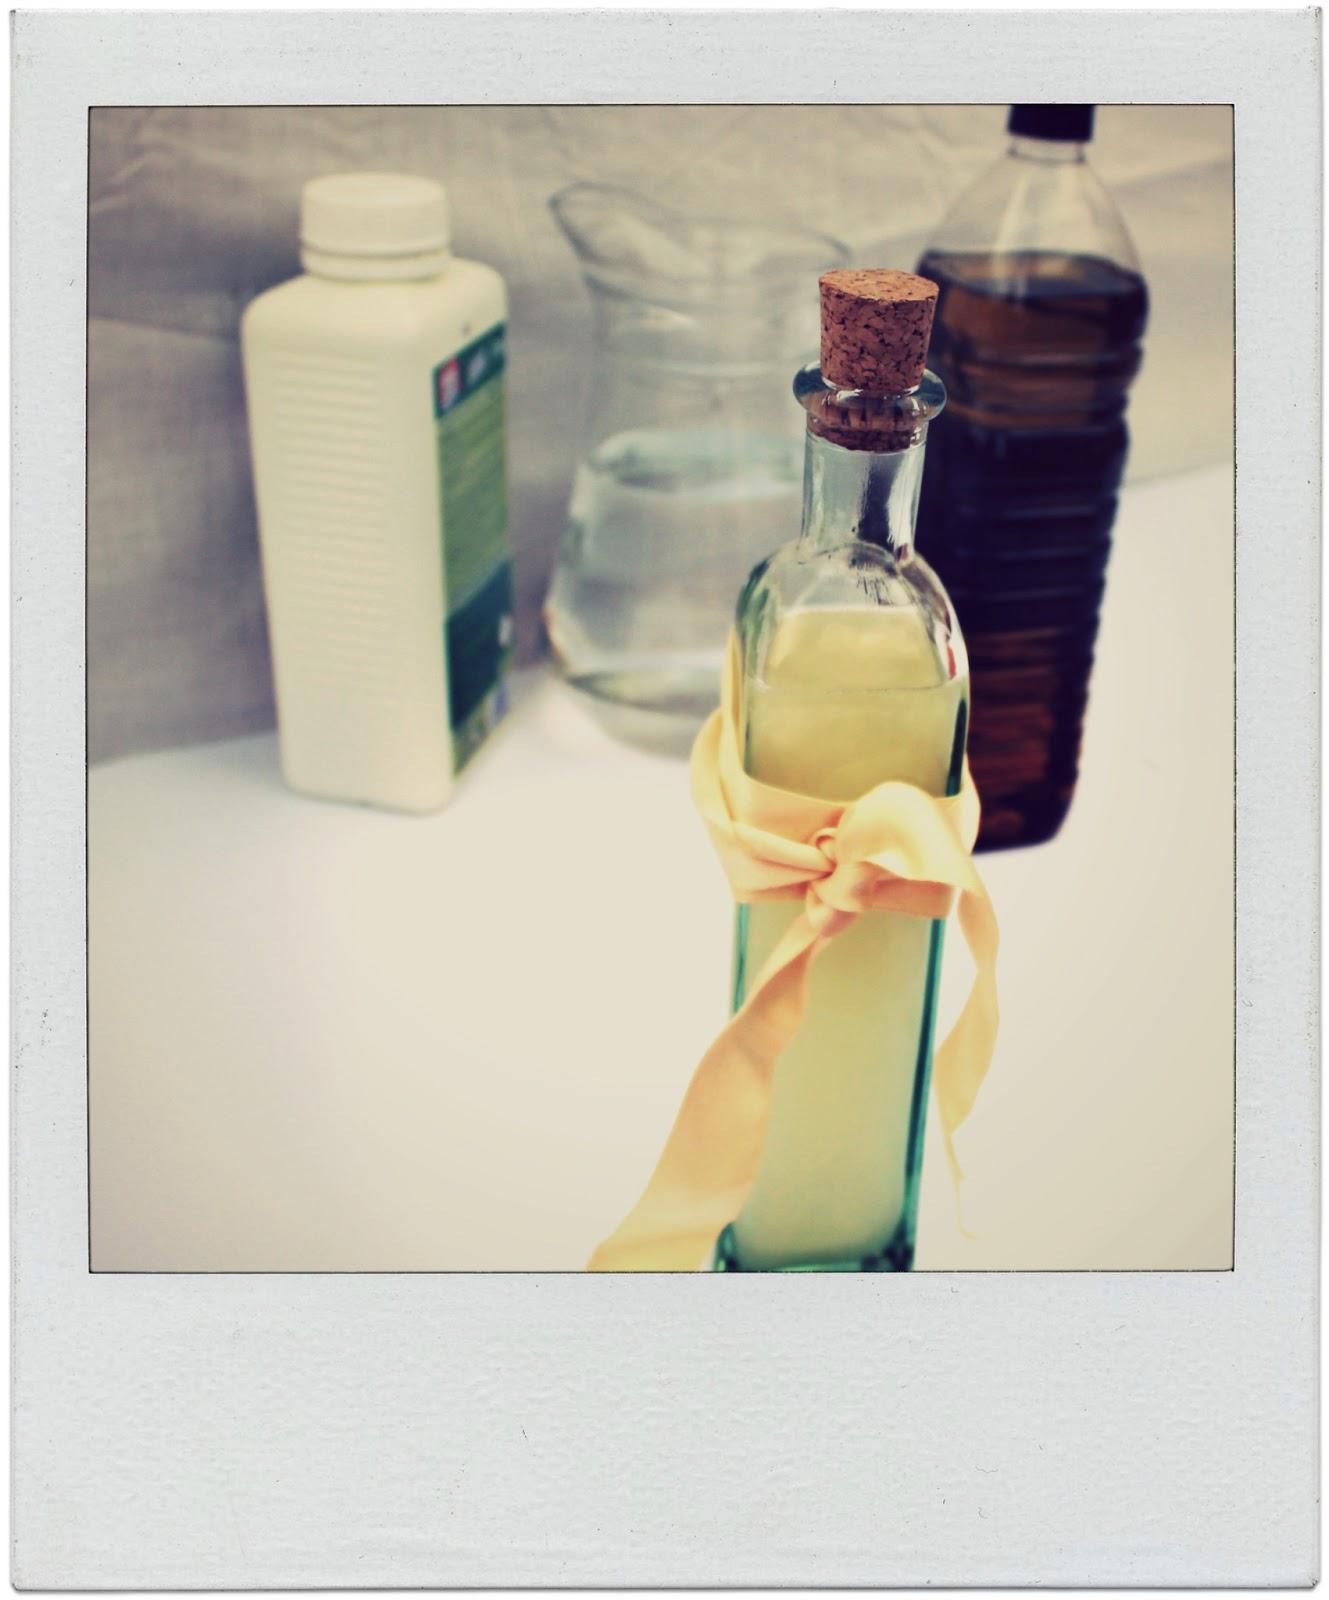 Una casa sana receta limpiador ecol gico 5 jab n - Como hacer plastico liquido ...